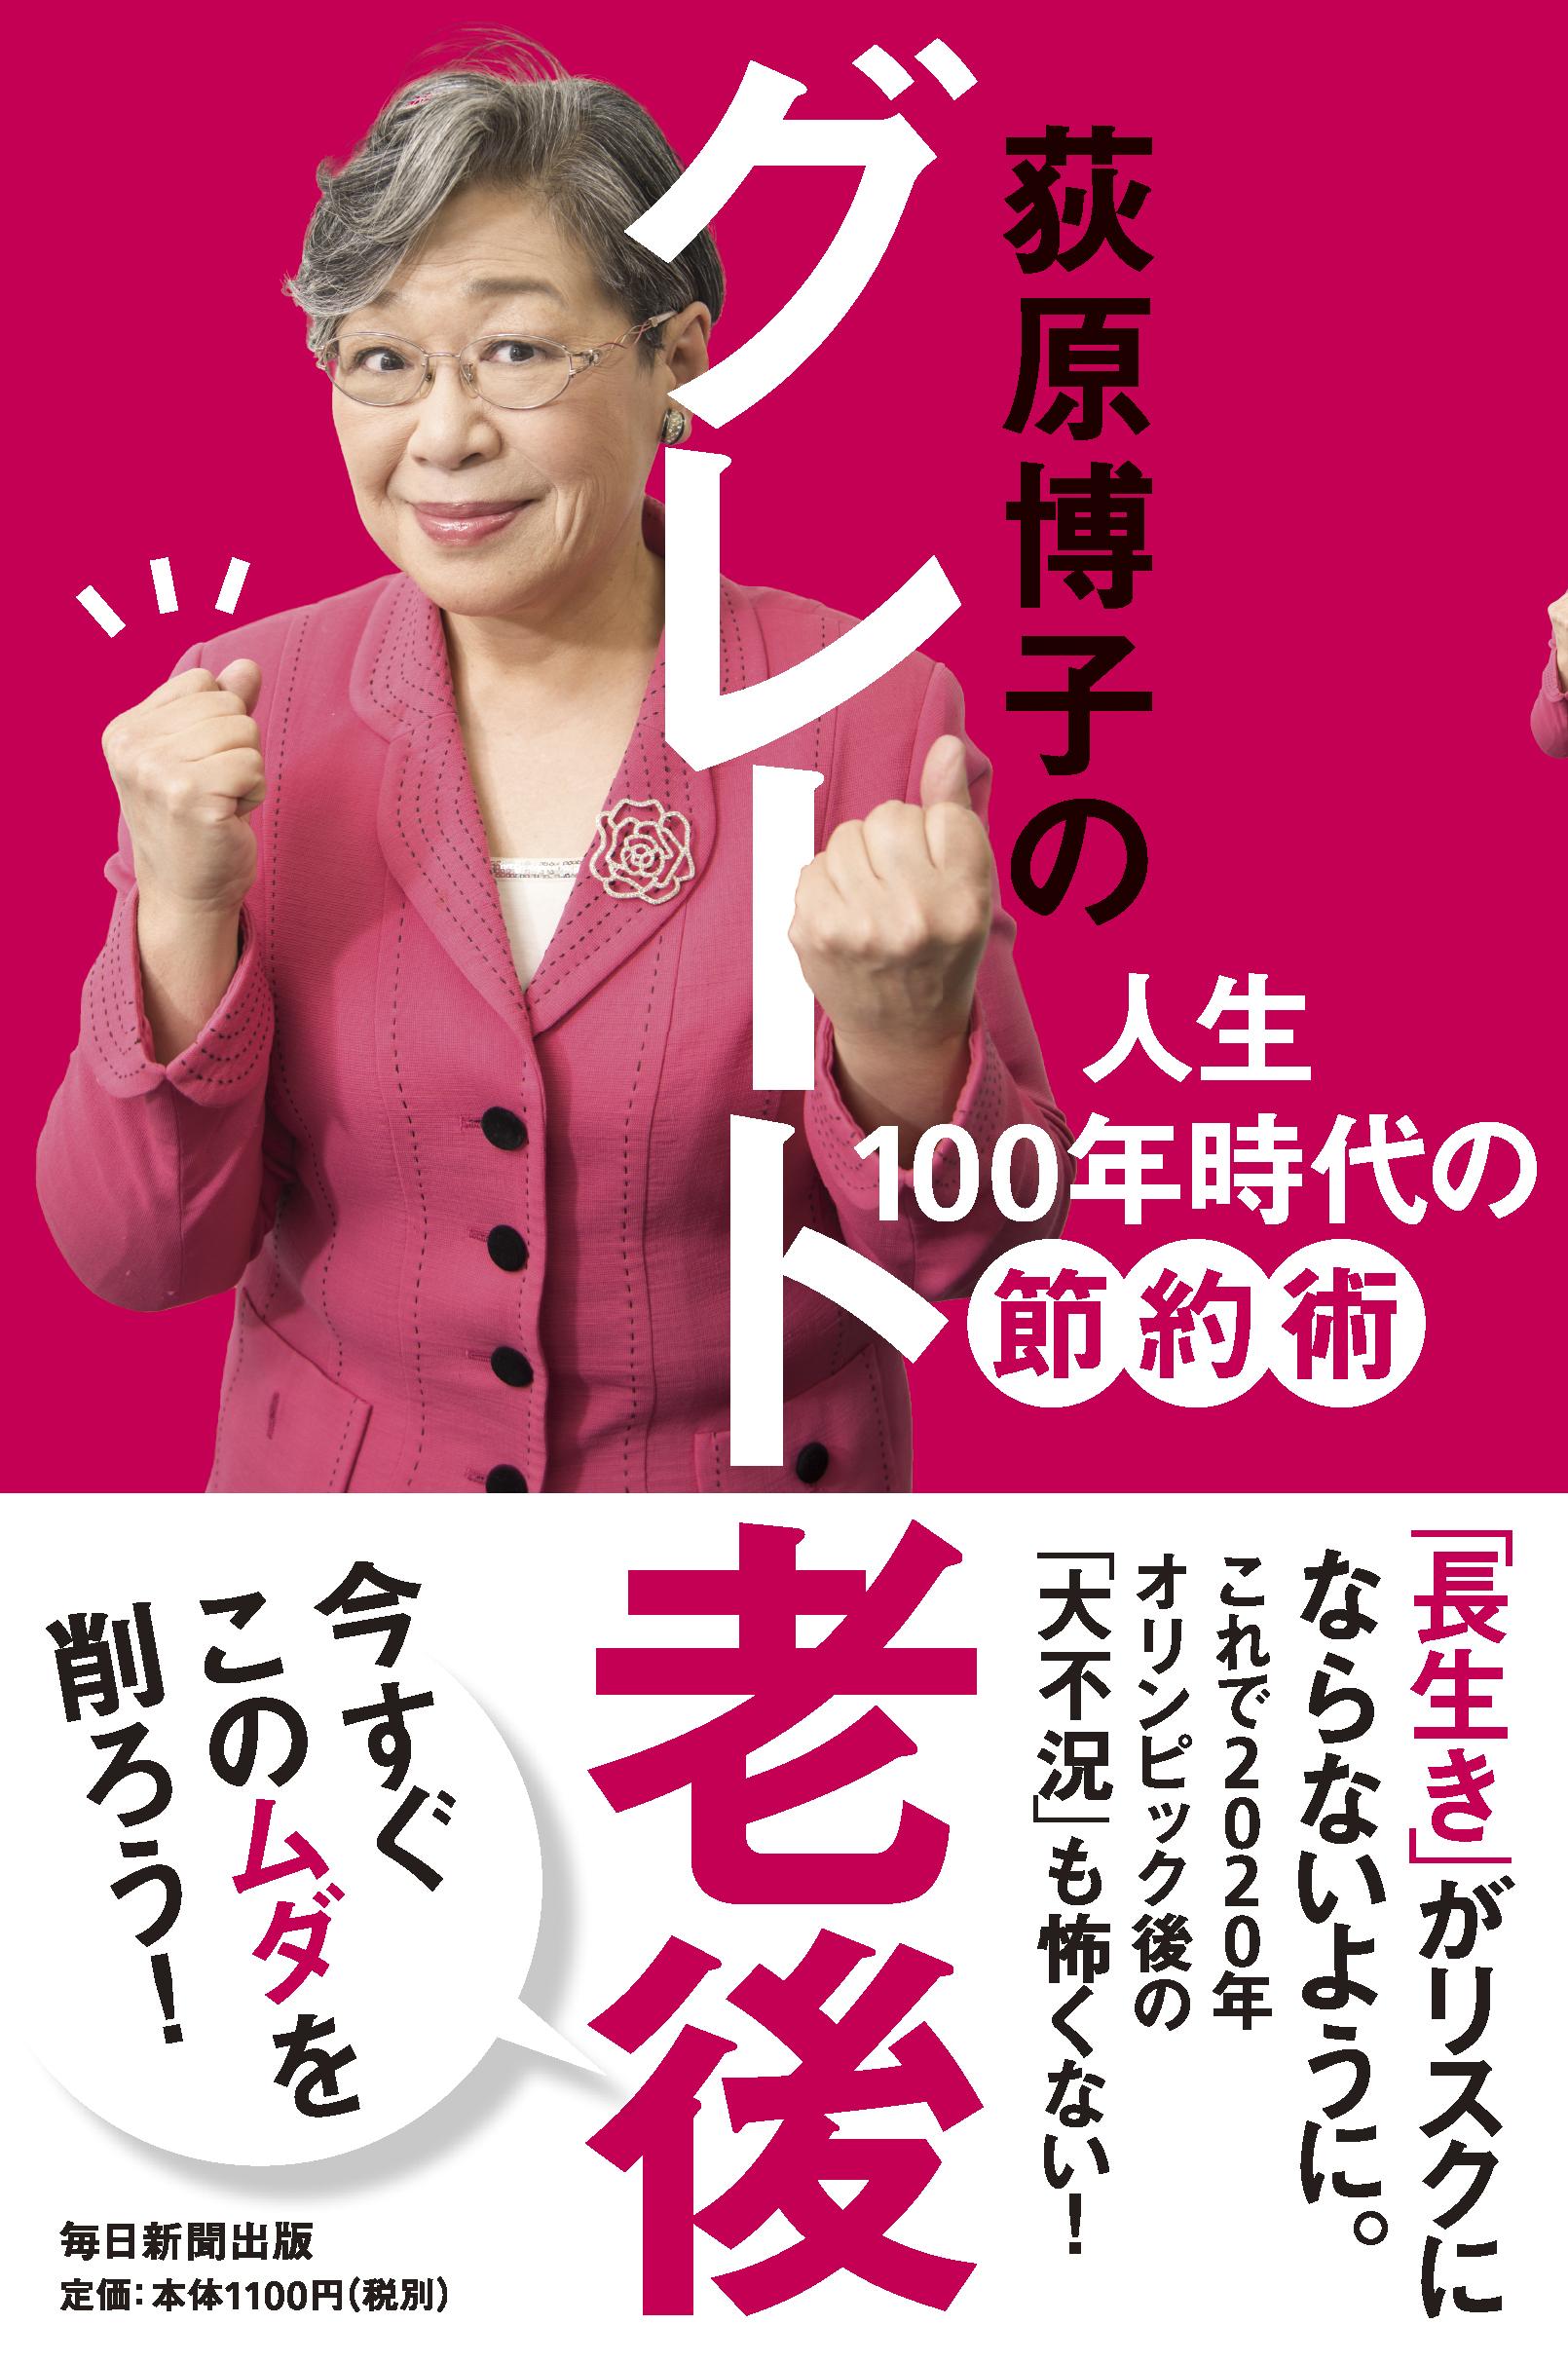 書影:荻原博子のグレート老後 人生100年時代の節約術